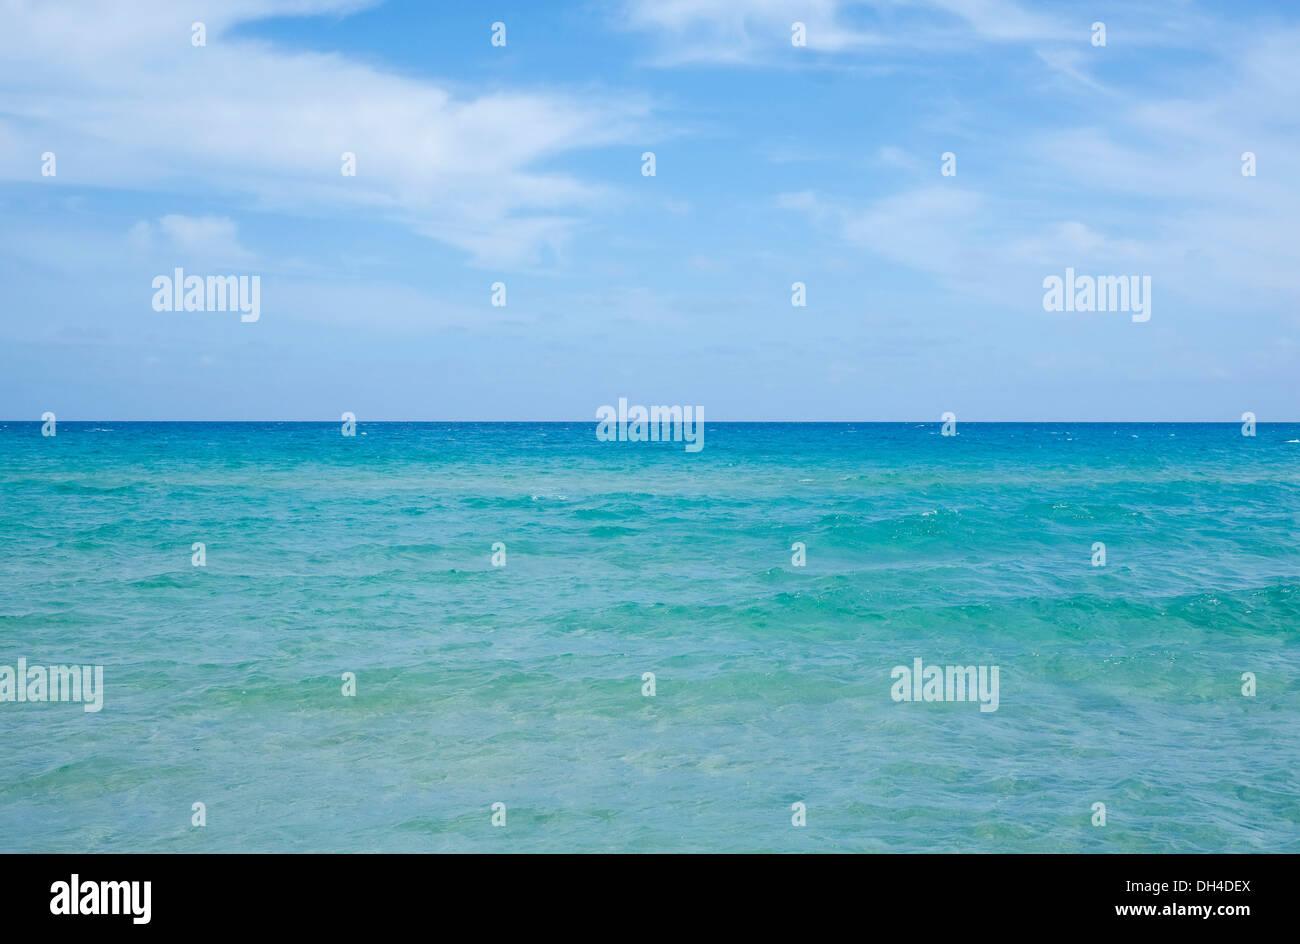 La mer et du ciel avec l'horizon de mer dans la région de Chia, Sardaigne, Italie Photo Stock